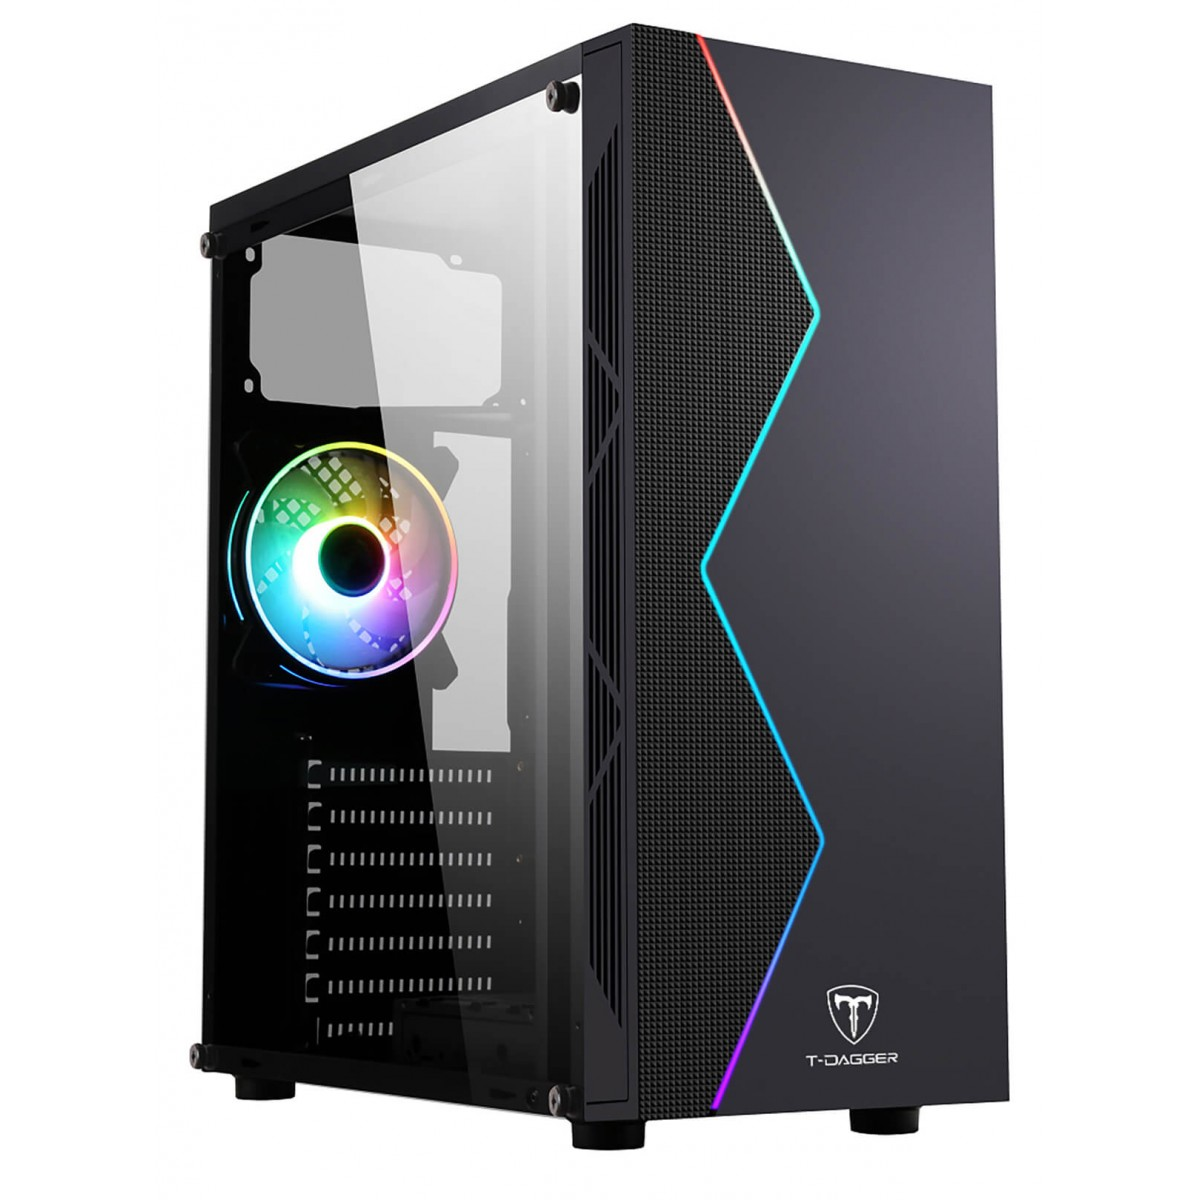 Computador Gamer, Intel 10º geração Core i3-10100F, Placa de Vídeo GTX-1650 4GB, 8GB DDR4, SSD 240GB